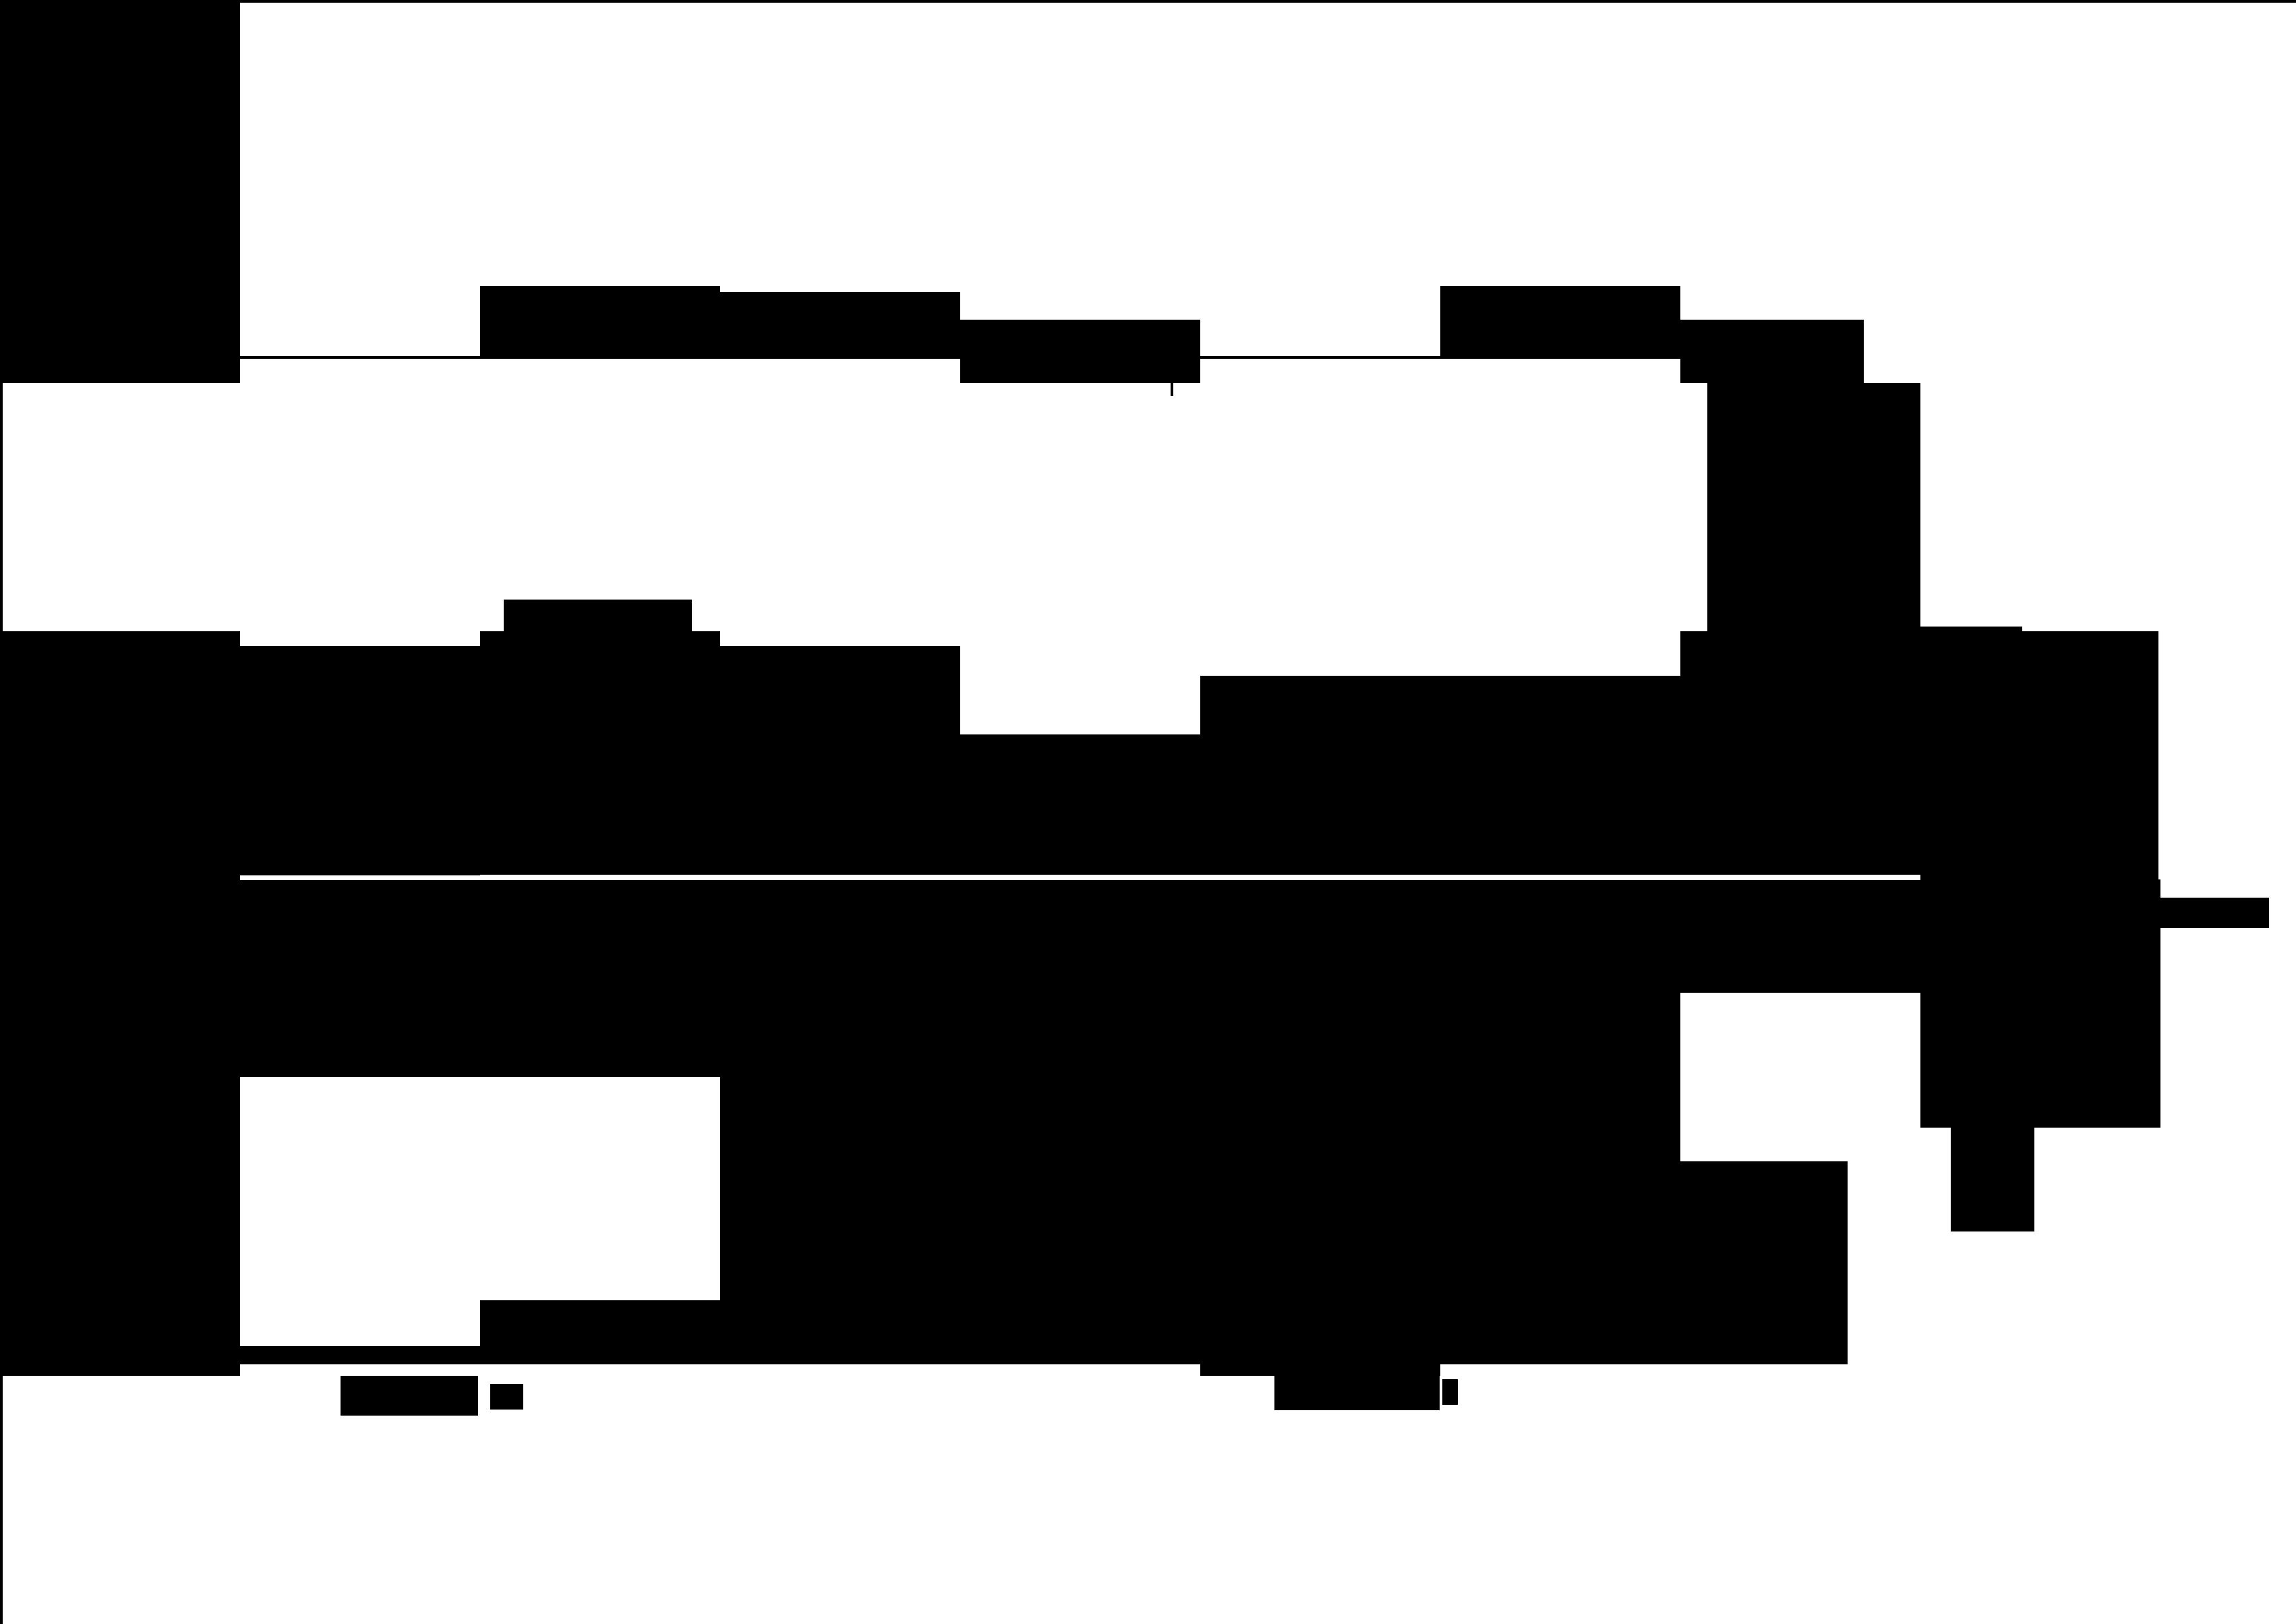 nutgiao04